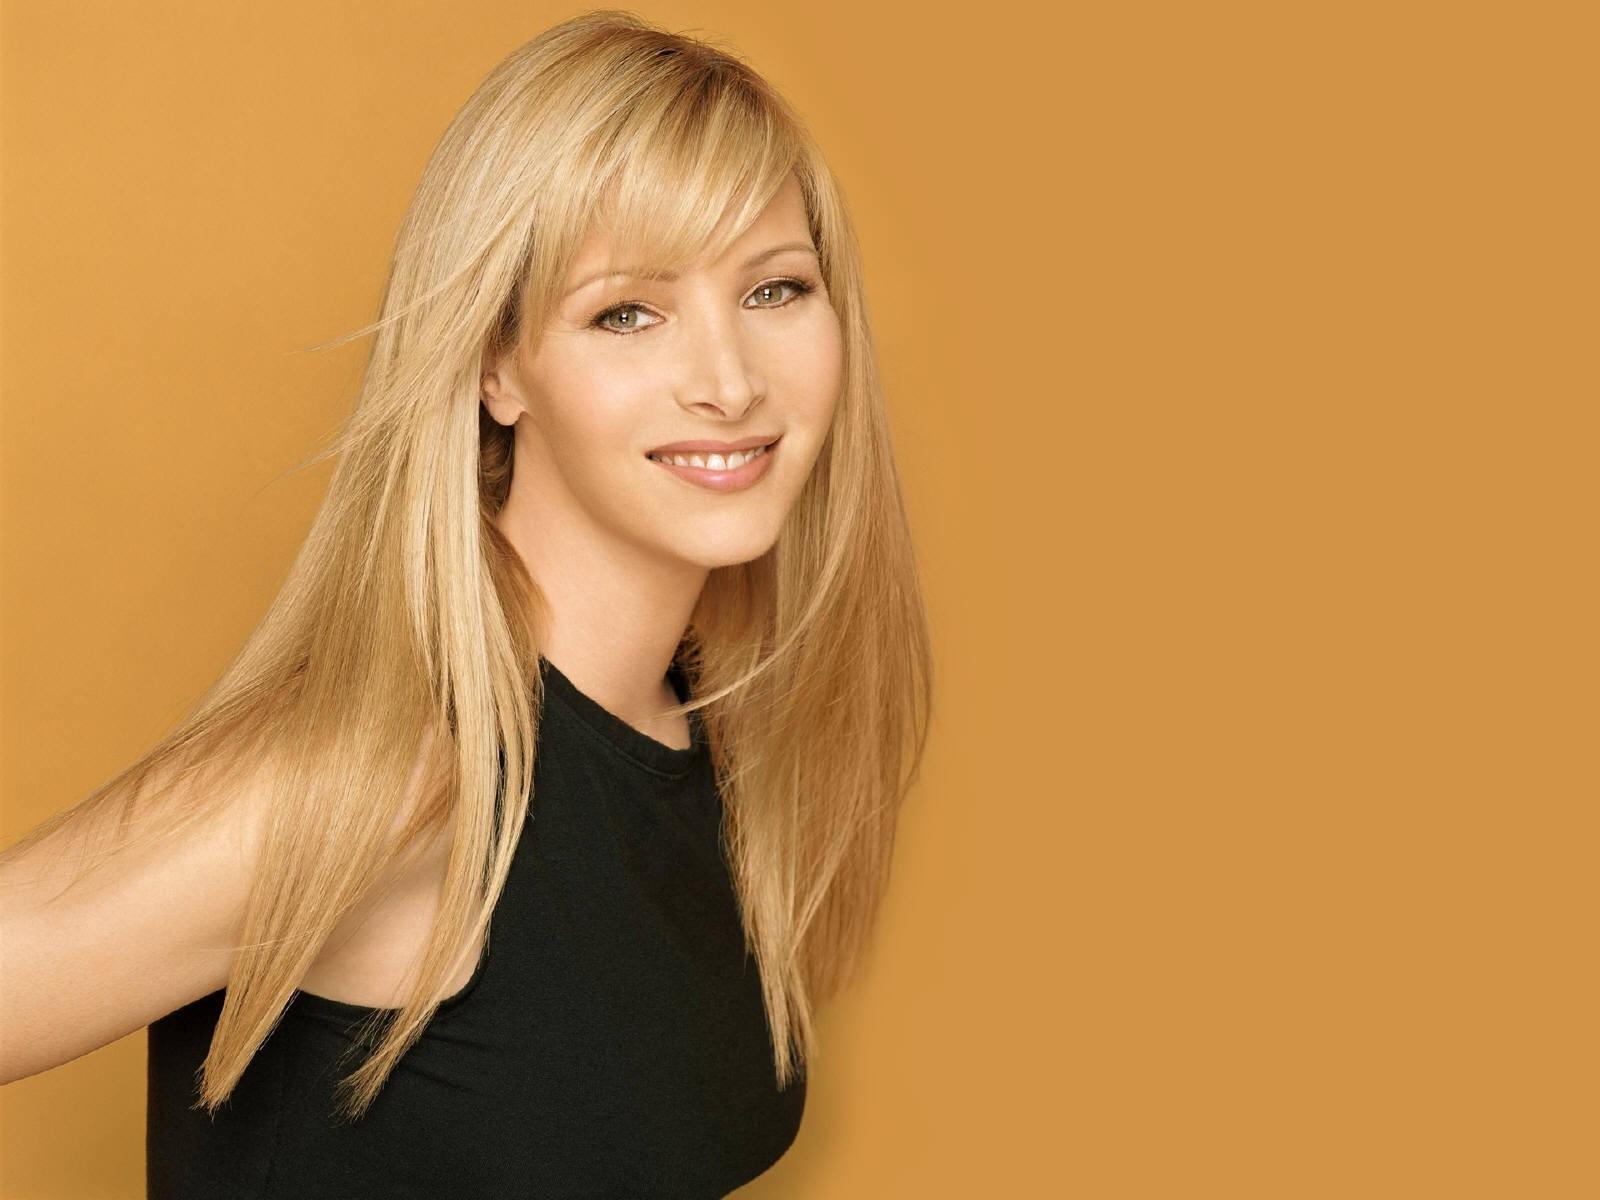 Lisa kudrow actress wallpaper